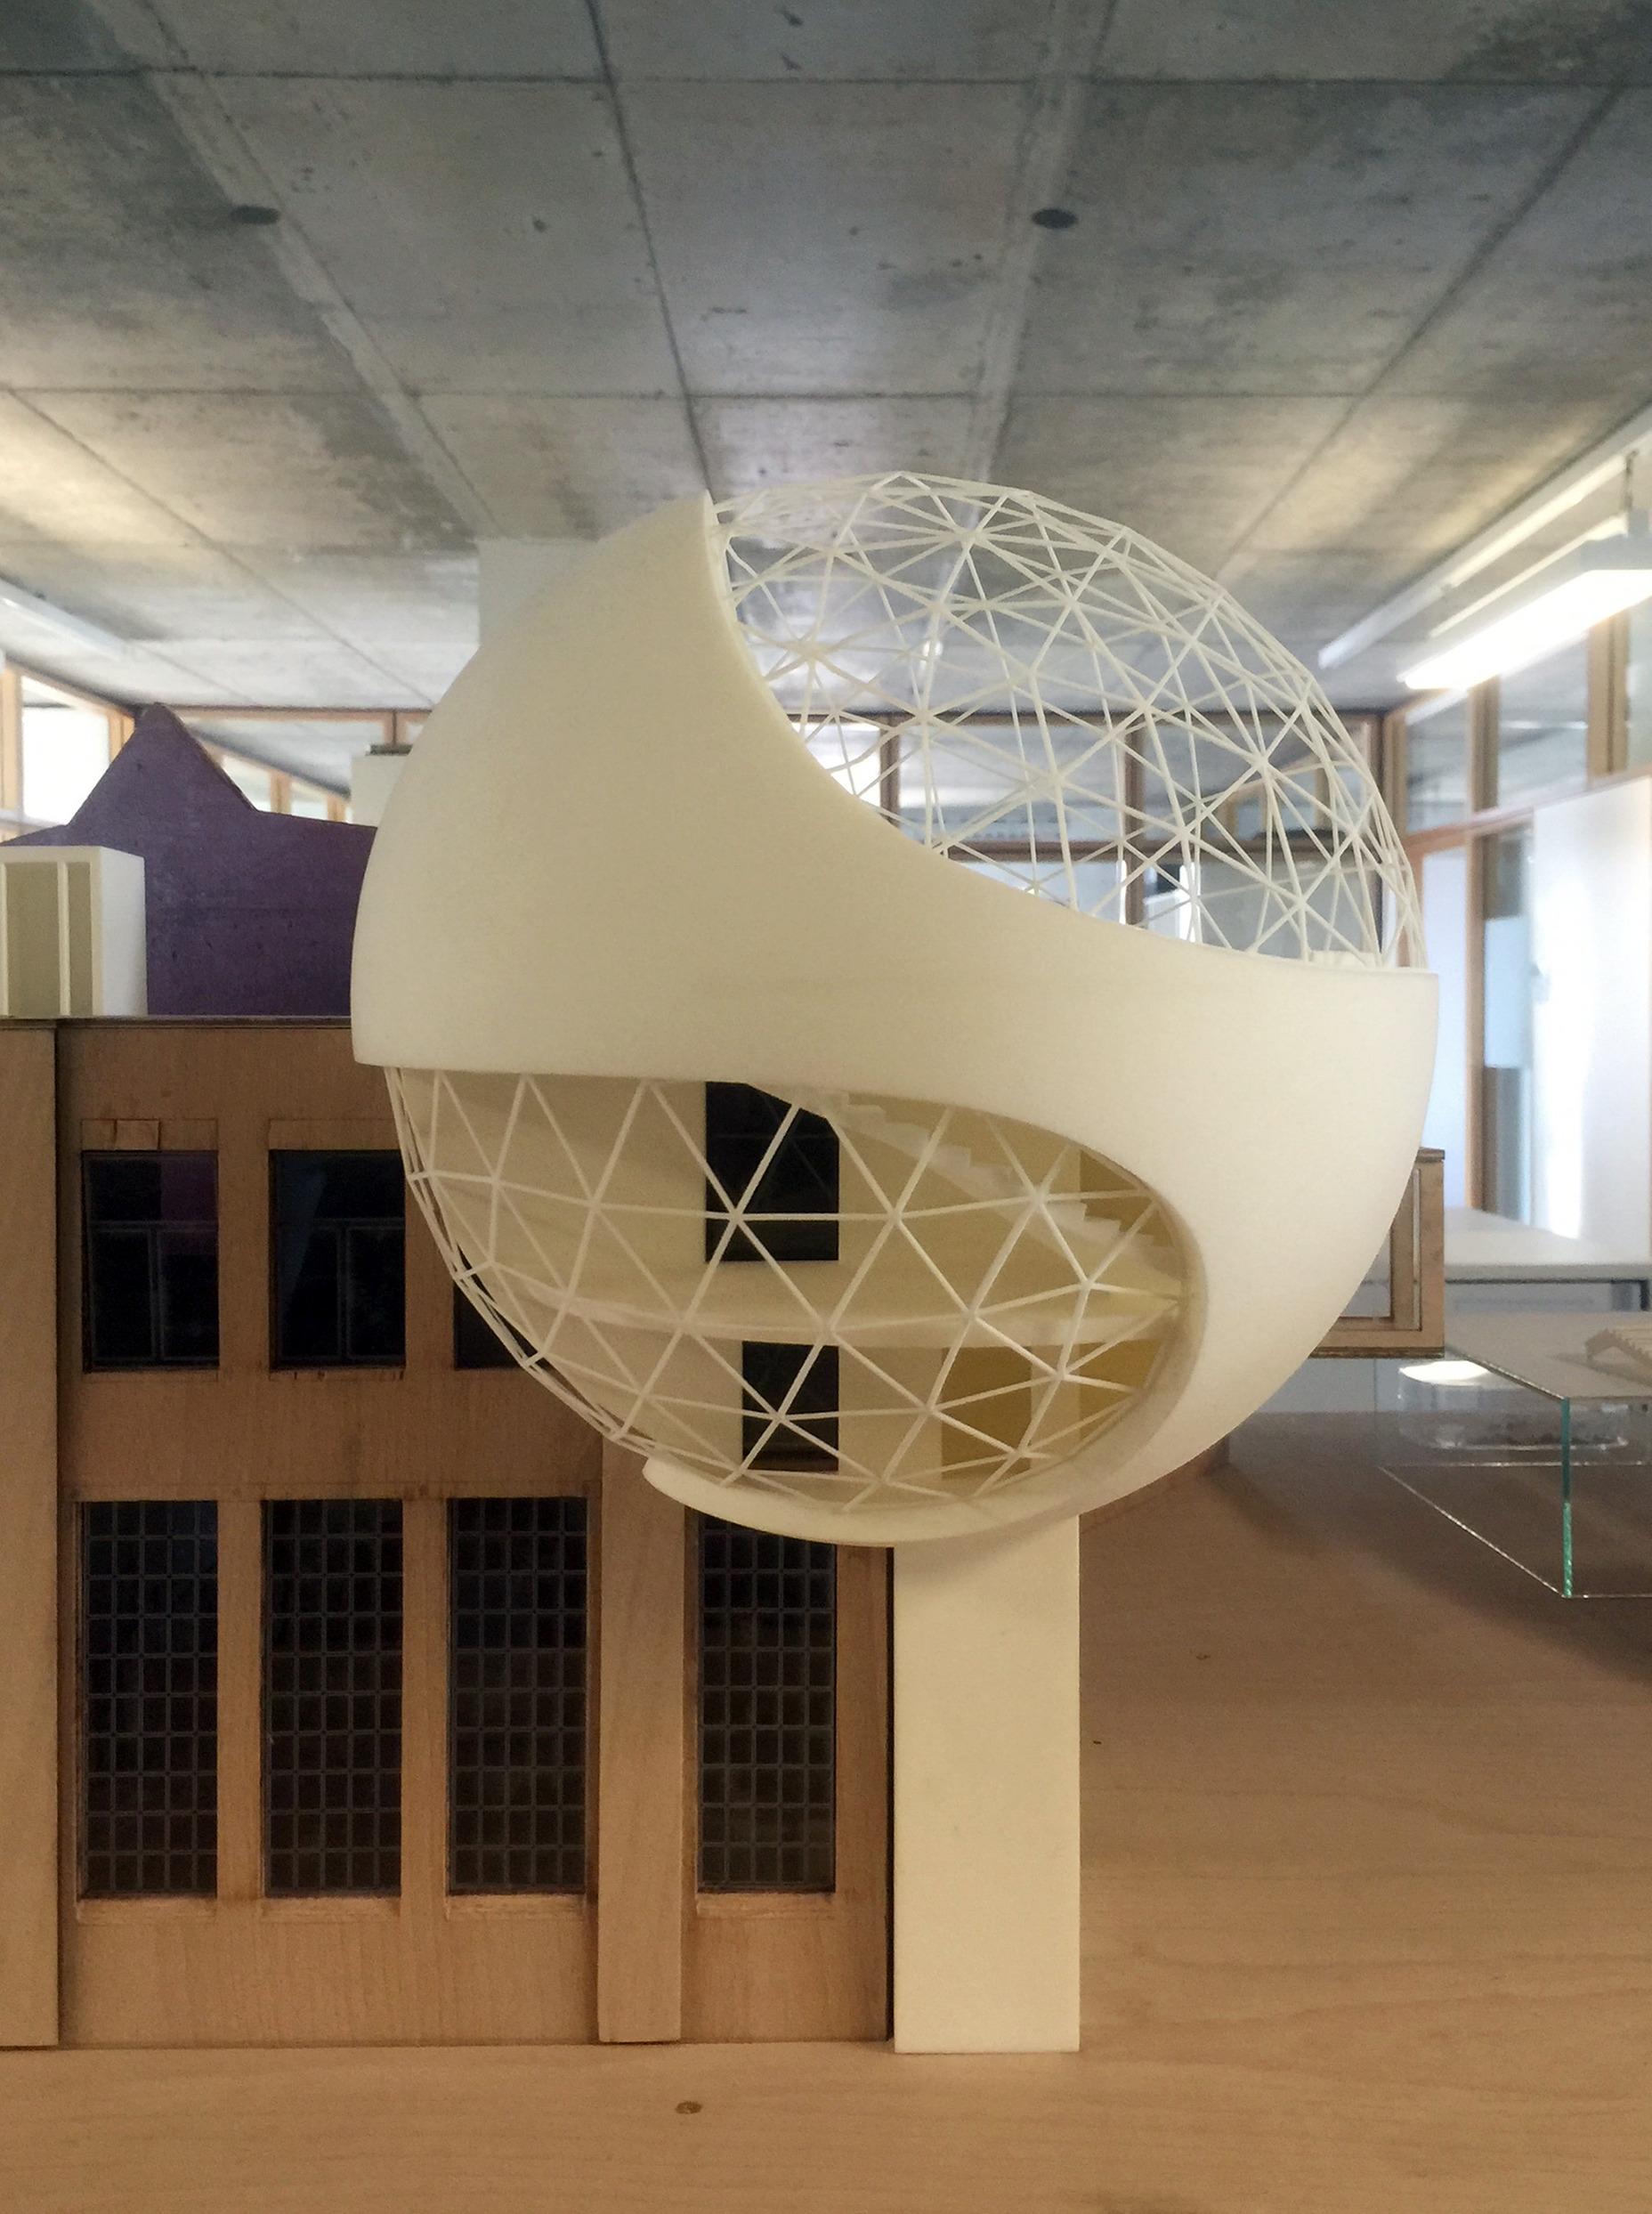 Gitterstruktur und gläserne Hülle – eine modernistische Kugel mit 12 Metern Durchmesser Bildrechte: Kirow Leipzig